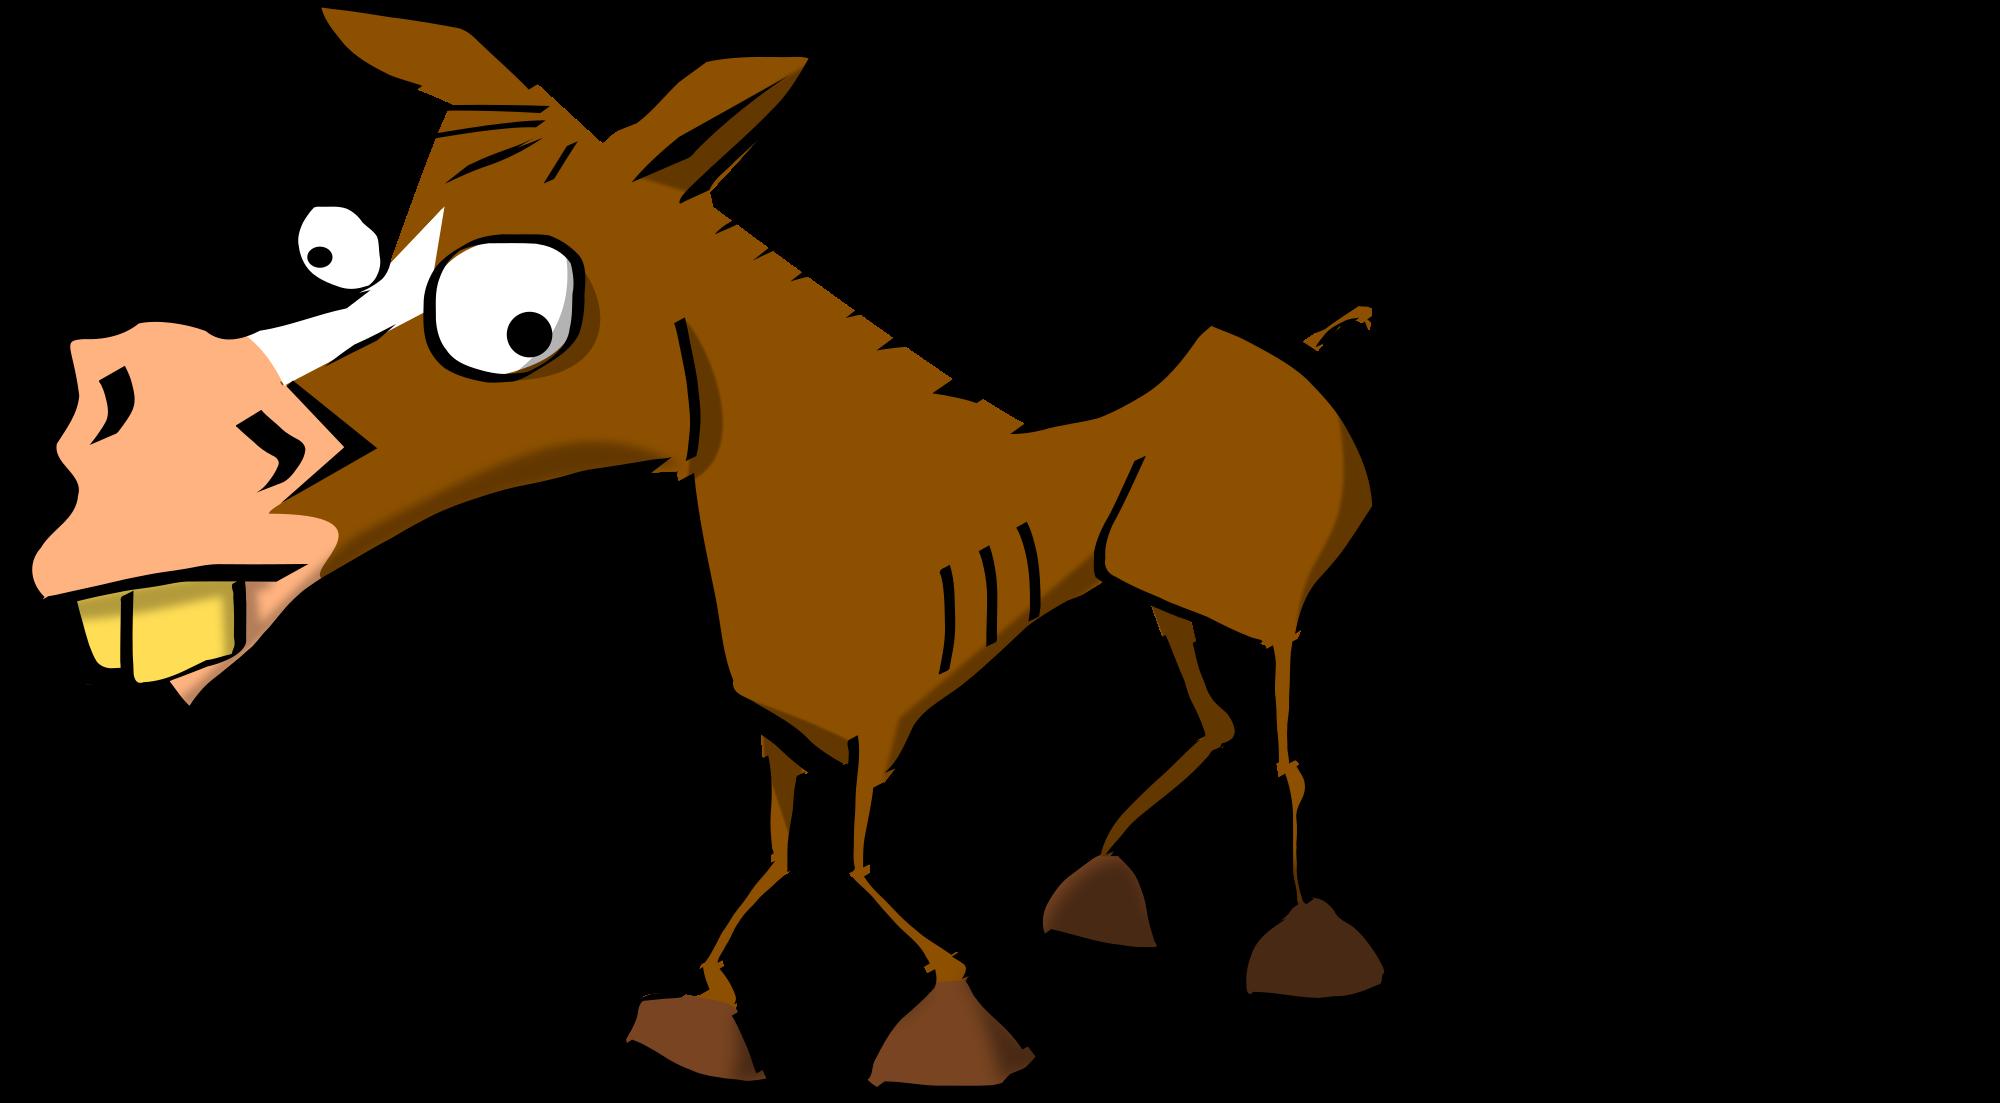 2000x1103 Mule Clipart Cute Horse